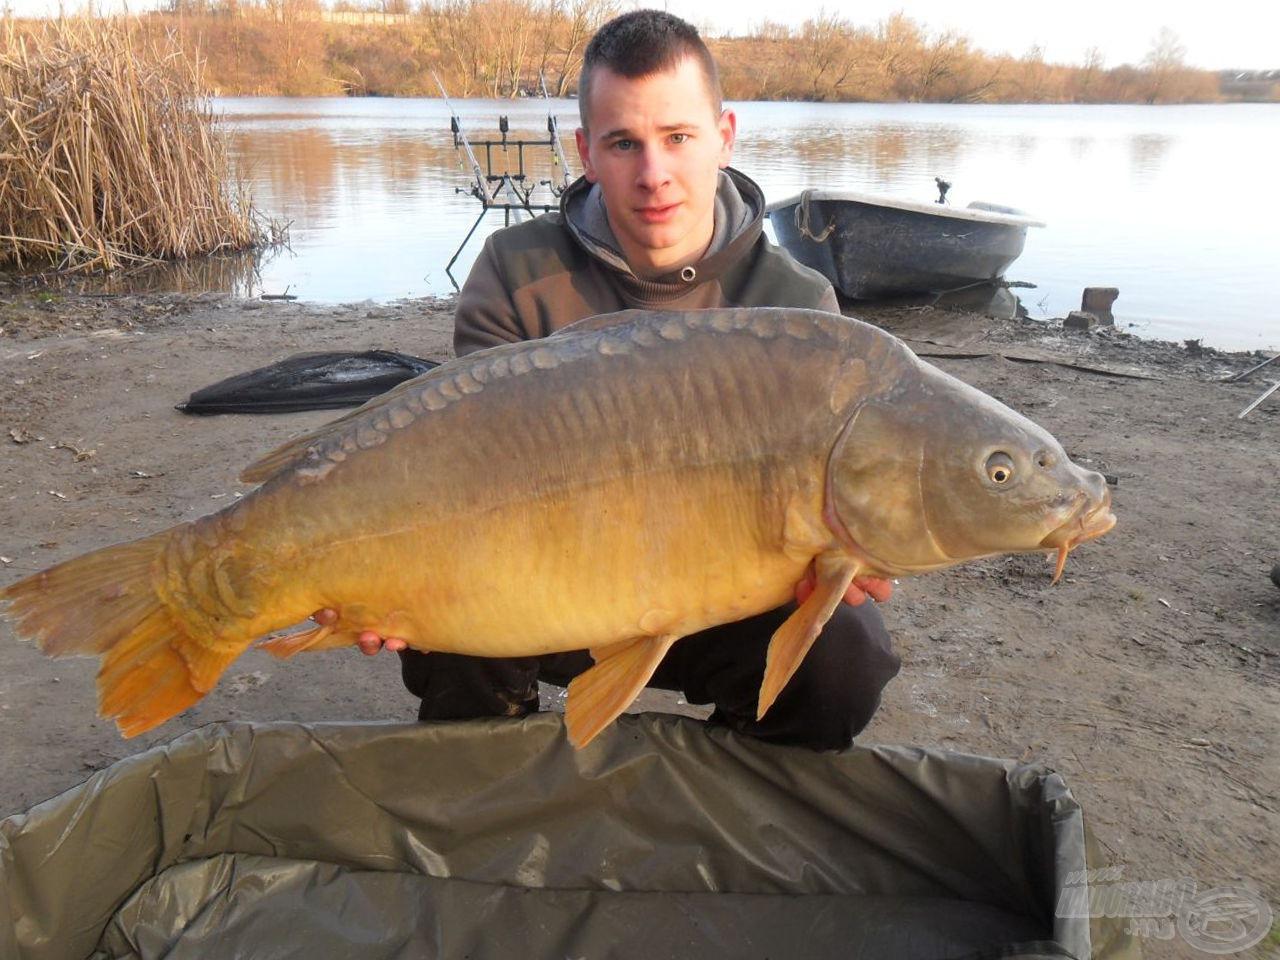 Szinte hihetetlen, de az első halam 19,56 kg-ot nyomott